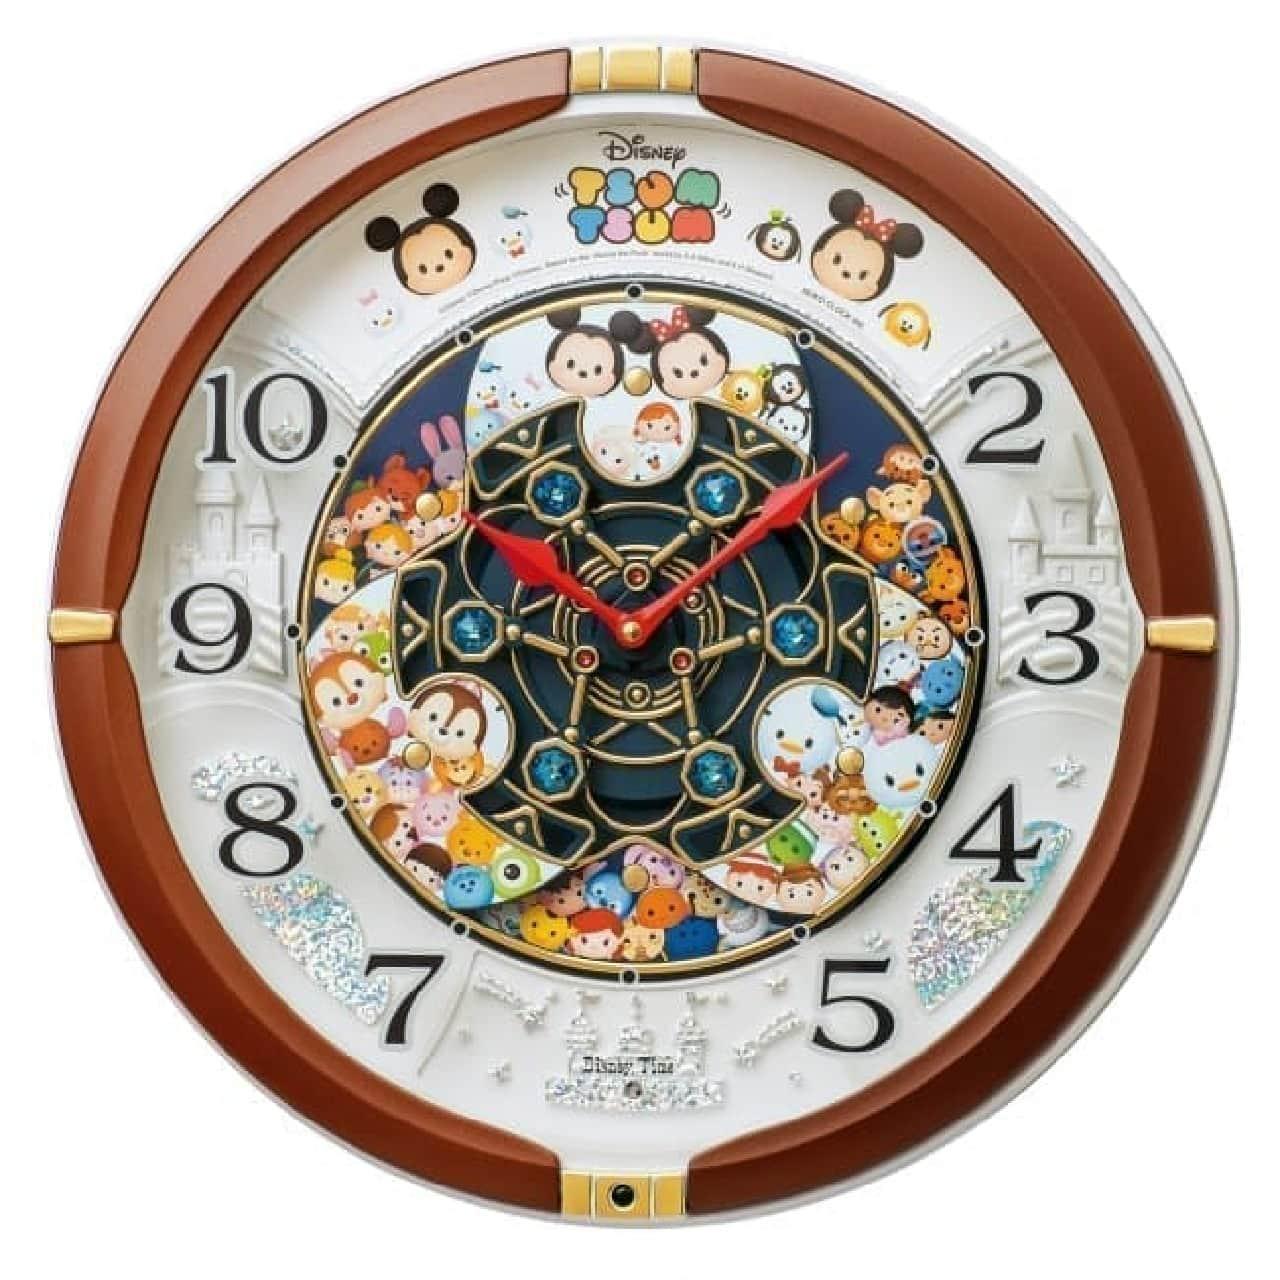 ディズニー ツムツムが華麗なからくり時計に--サンリオの人気者が集合したモデルも